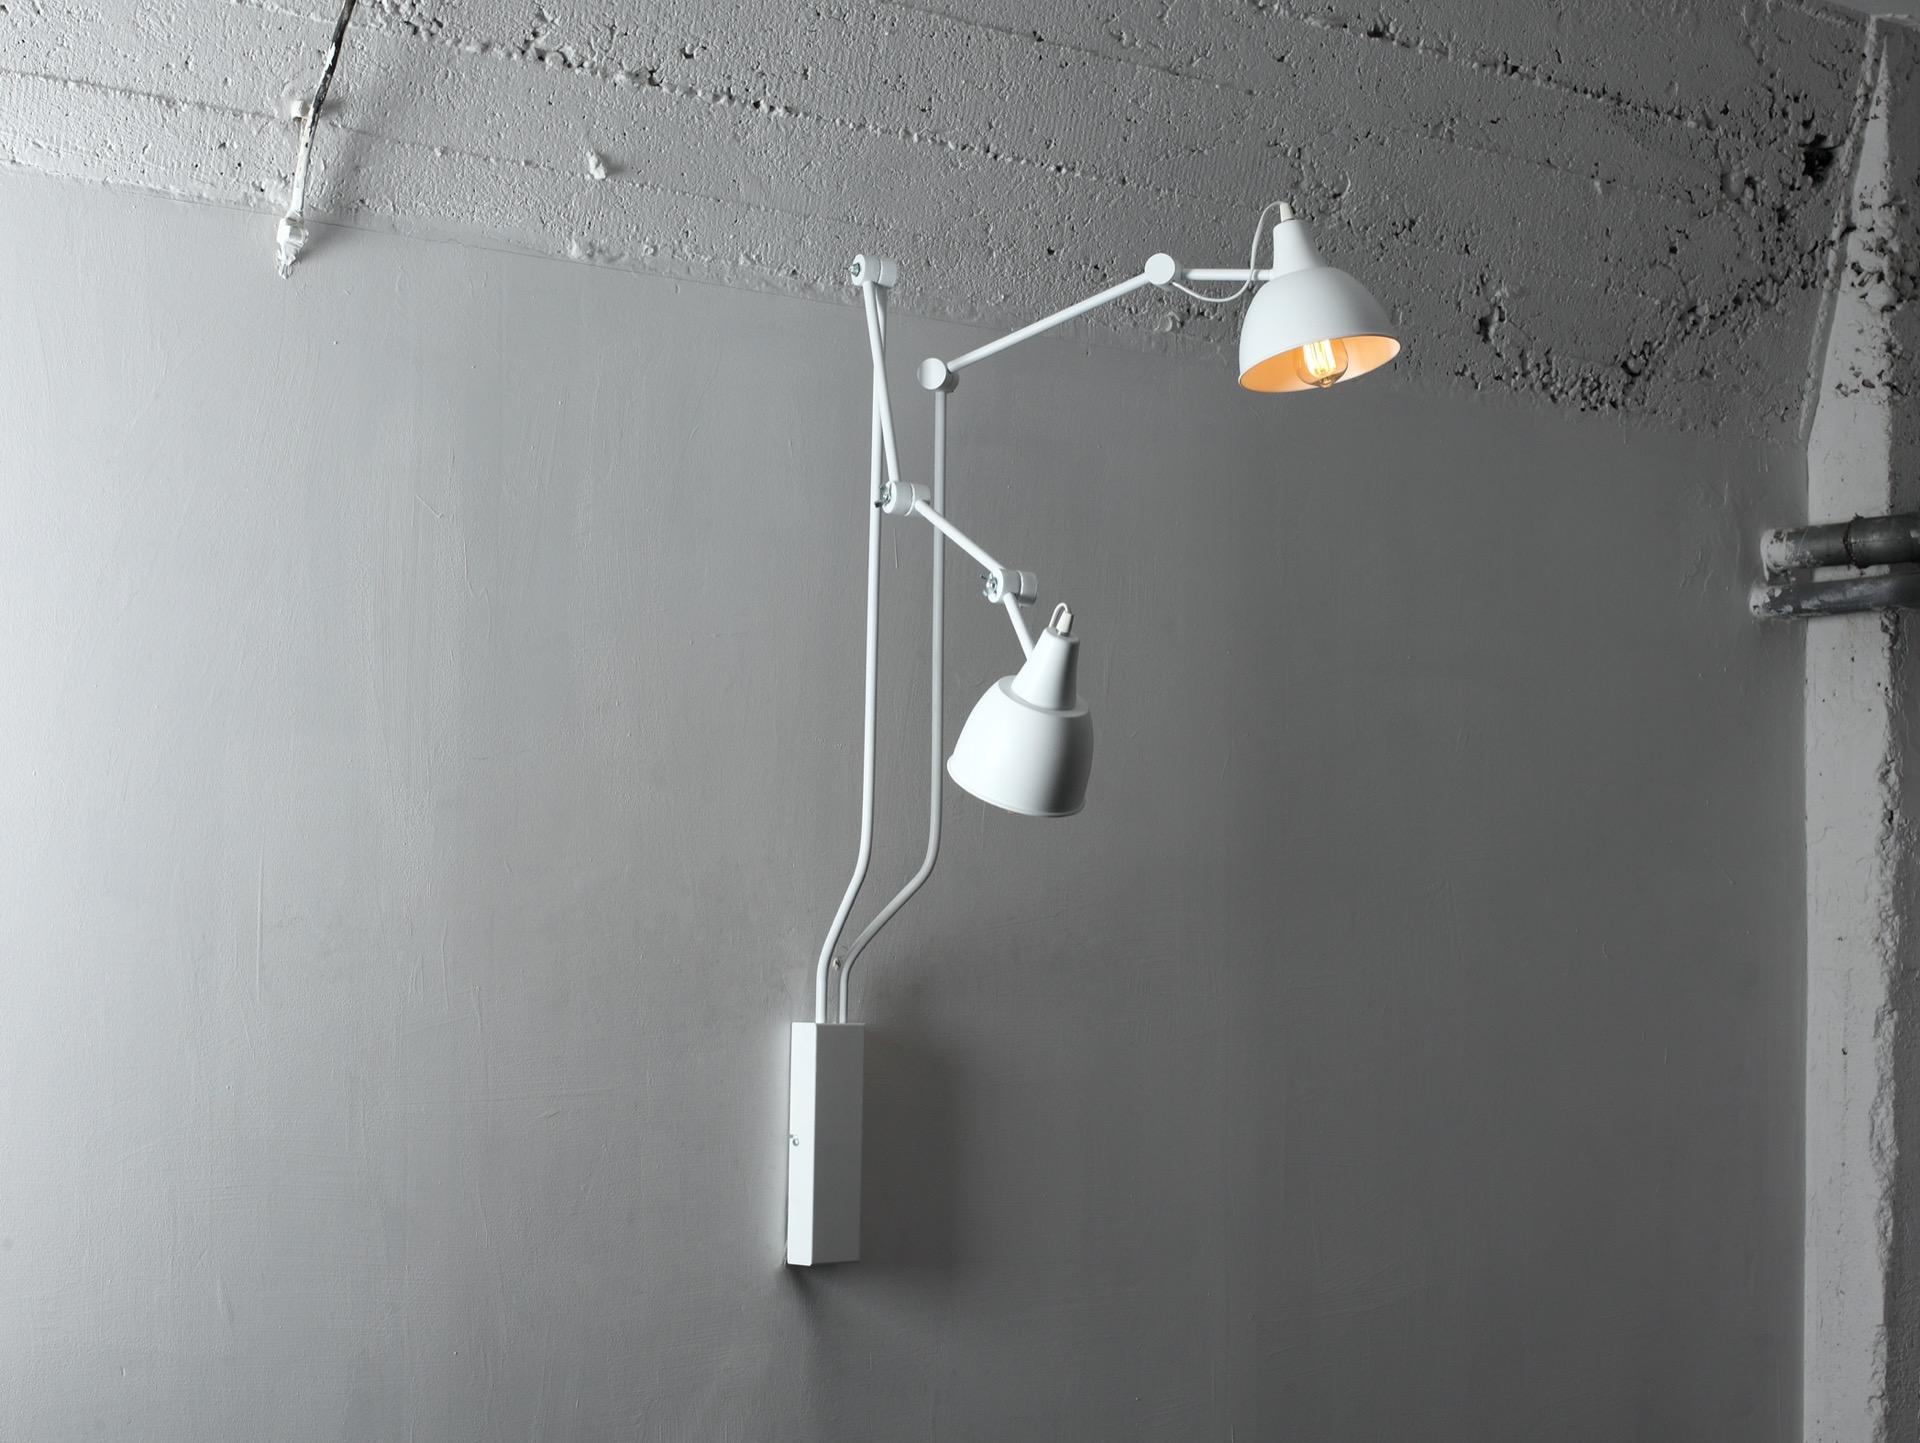 Wandlampe COBEN WALL 2